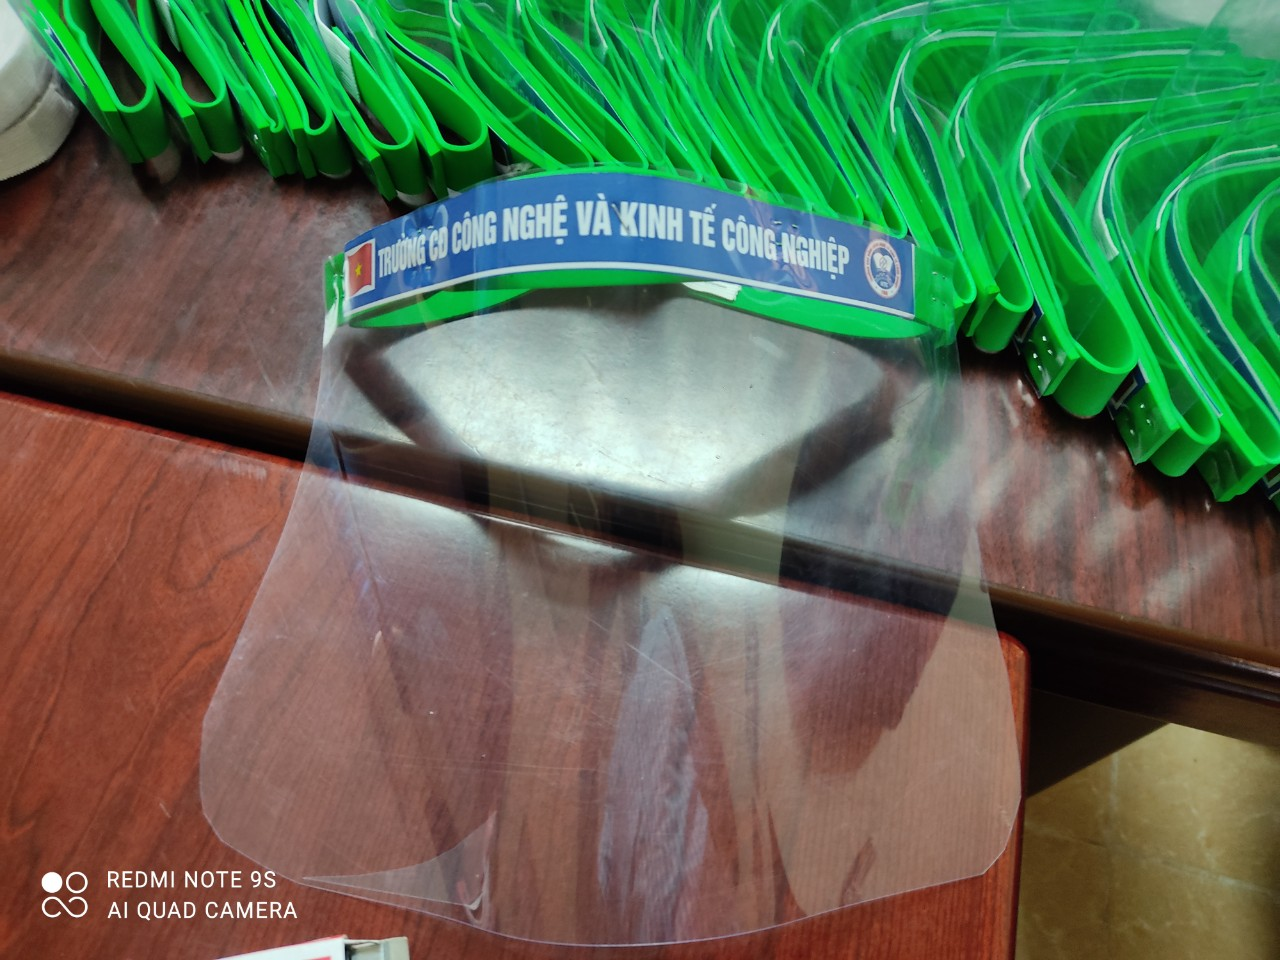 Trường IETC tặng kính chống giọt bắn tới 3 trung tâm Giáo dục Nghề nghiệp- Giáo dục Thường xuyên huyện Hiệp Hoà, Yên Dũng, Bắc Yên tỉnh Bắc Giang